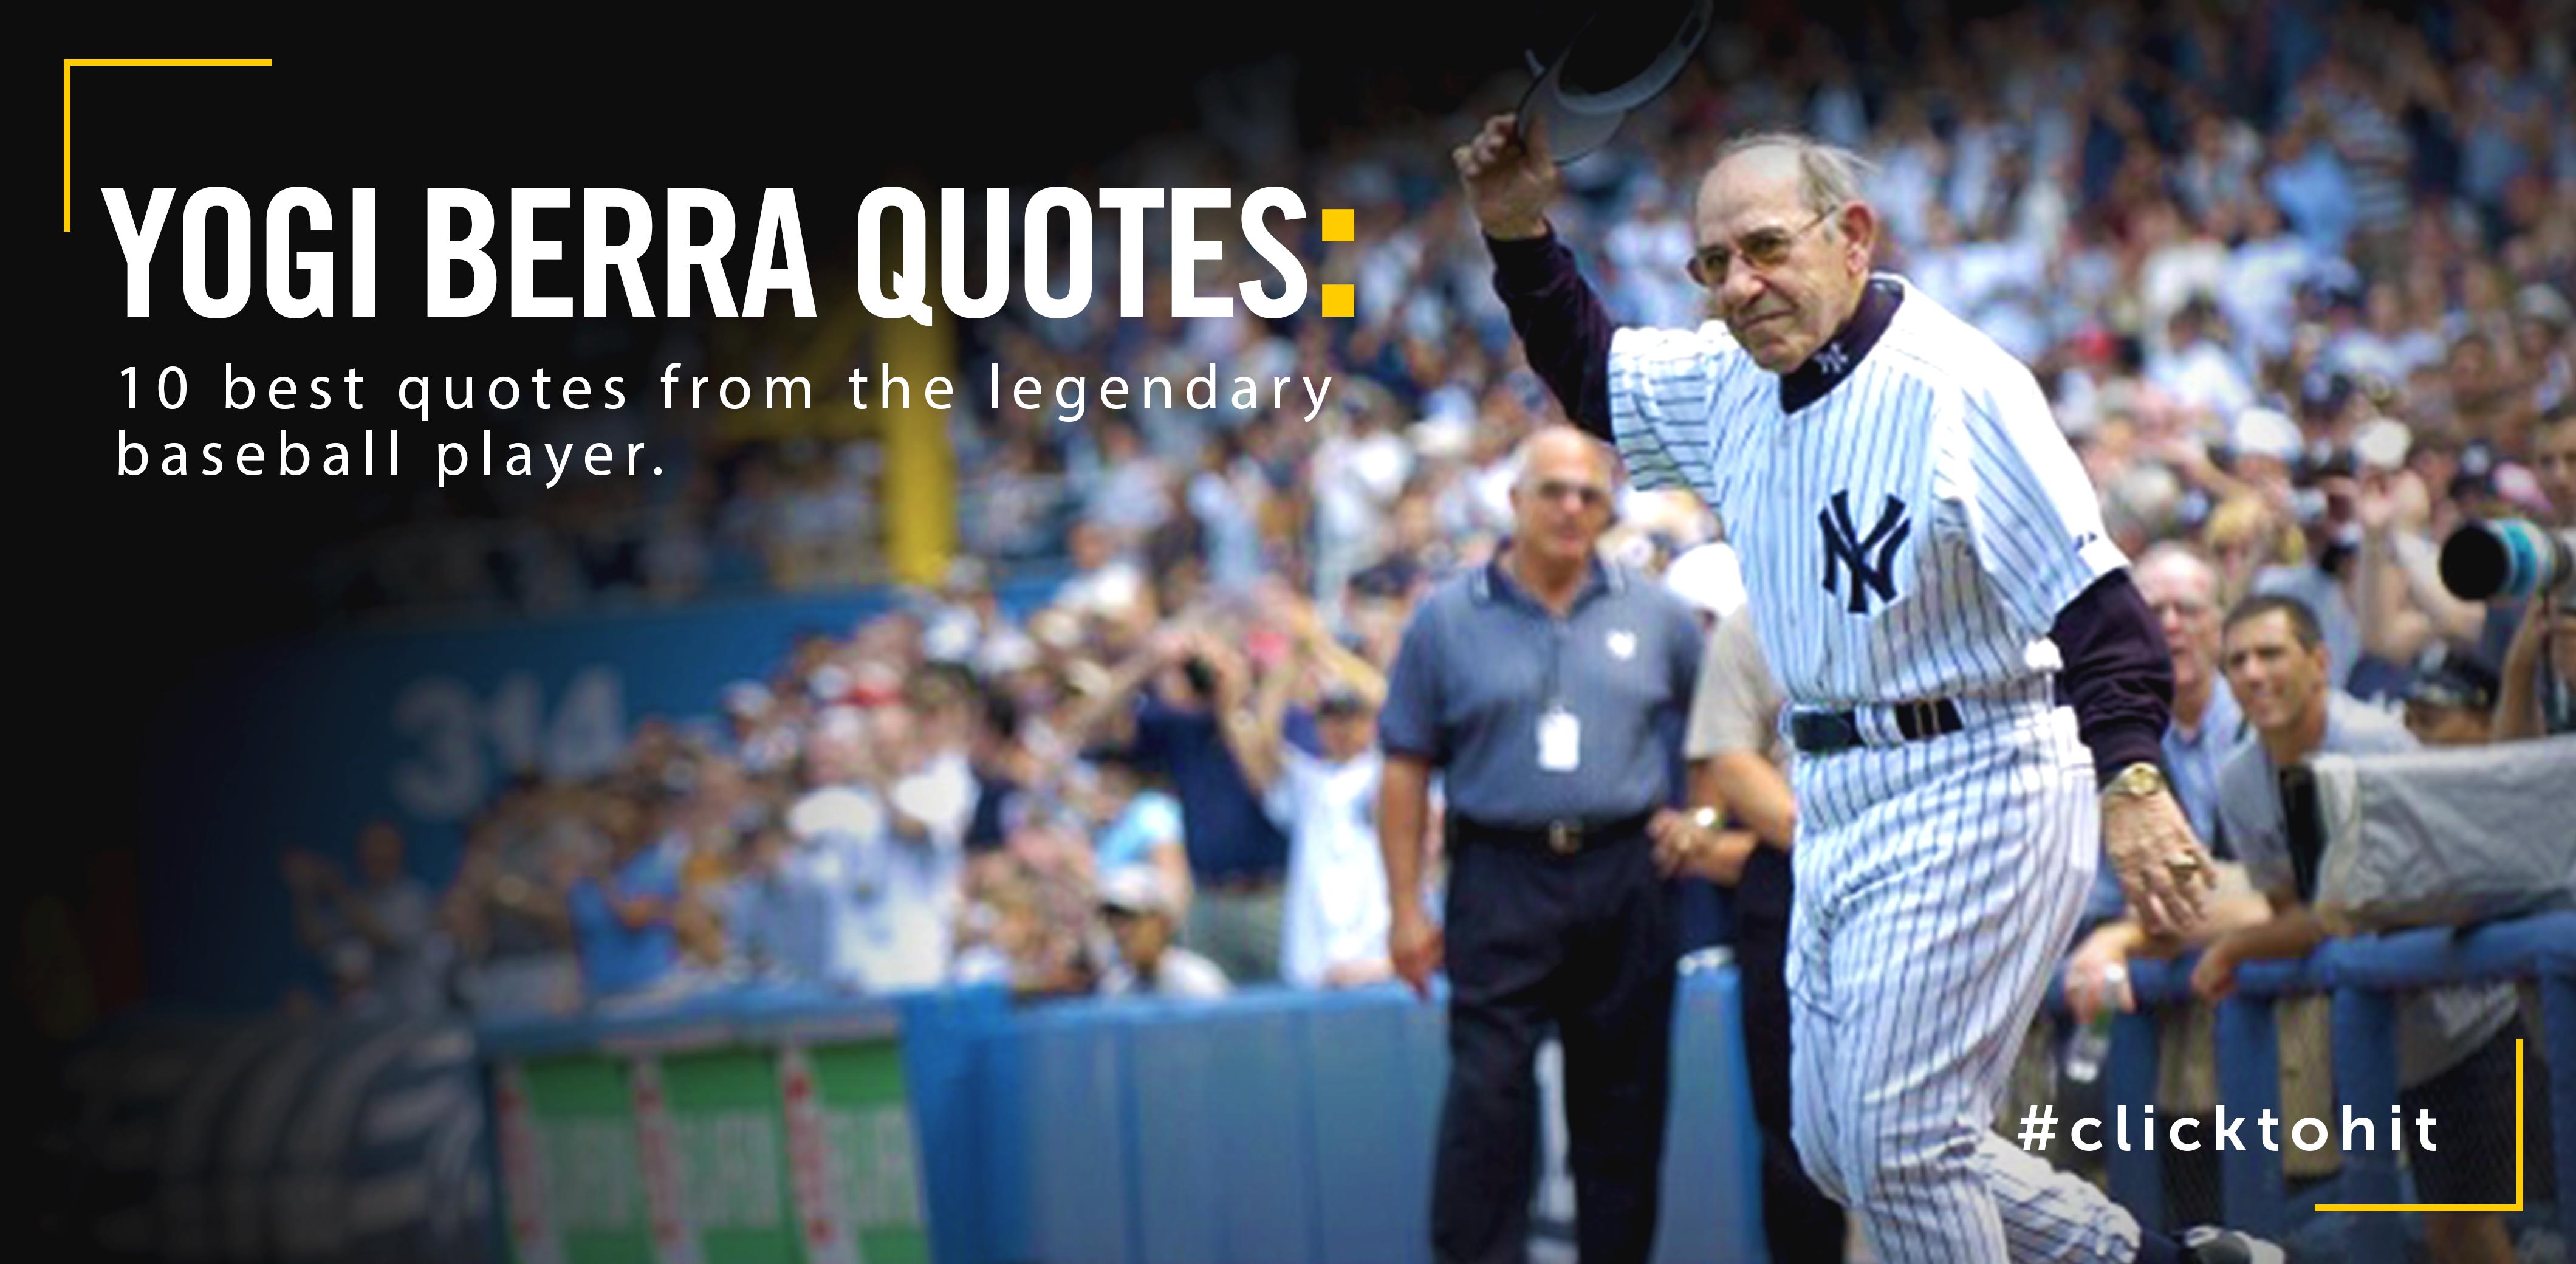 10 Best Yogi Berra Quotes